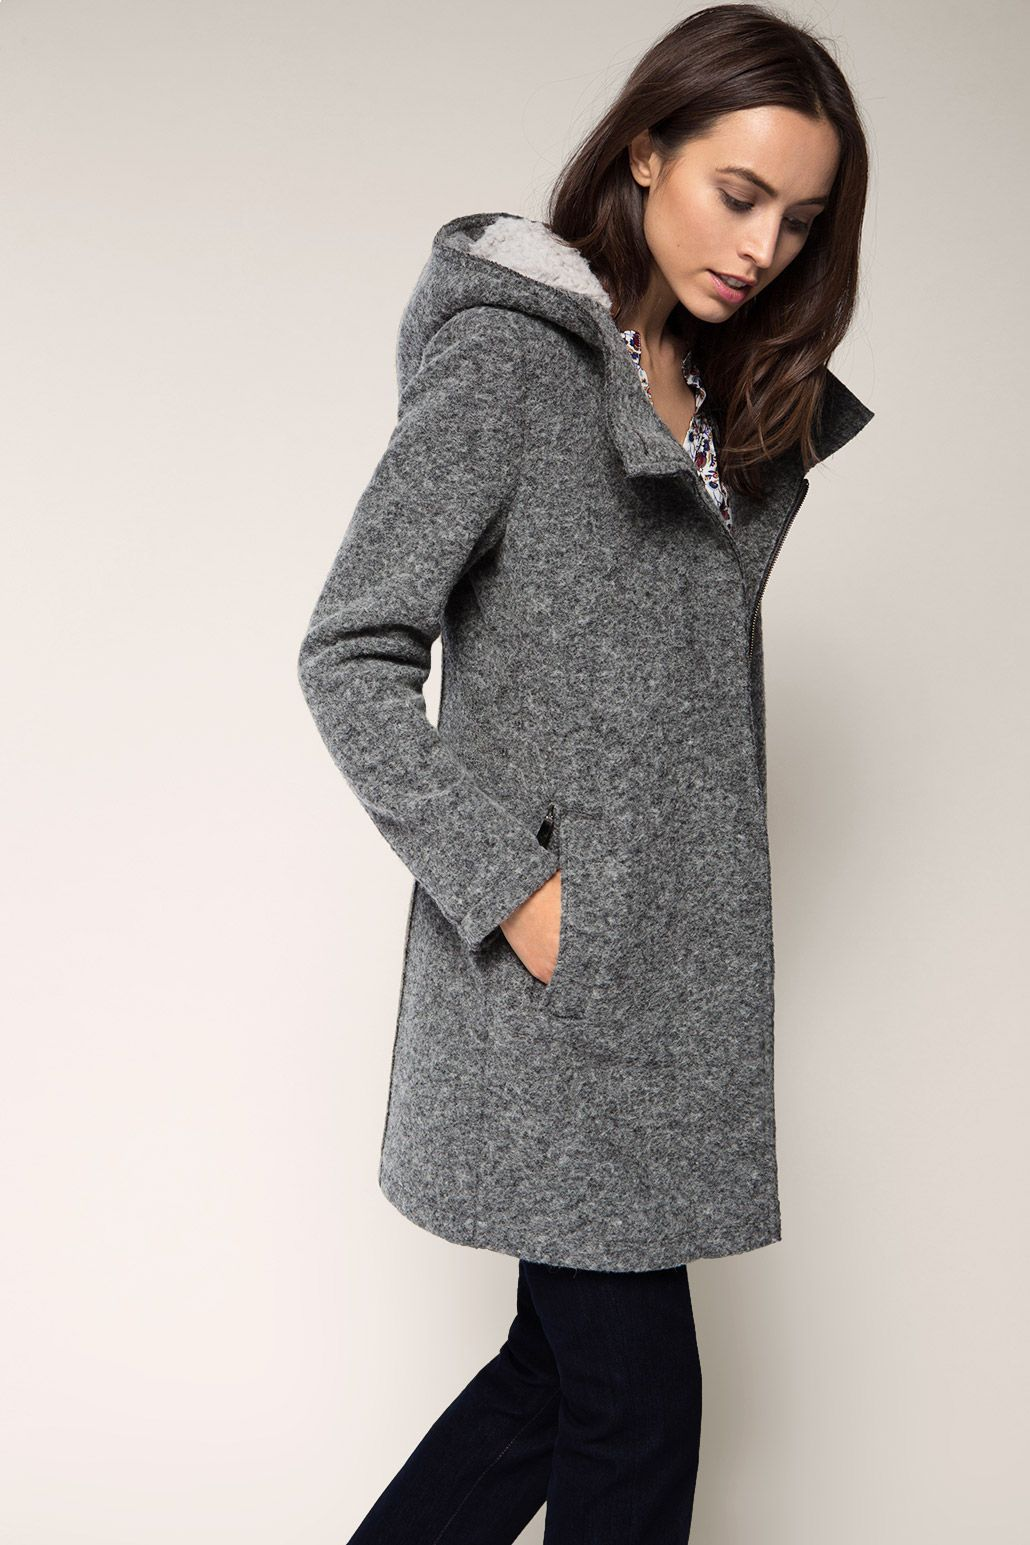 Boucle mantel grau kapuze